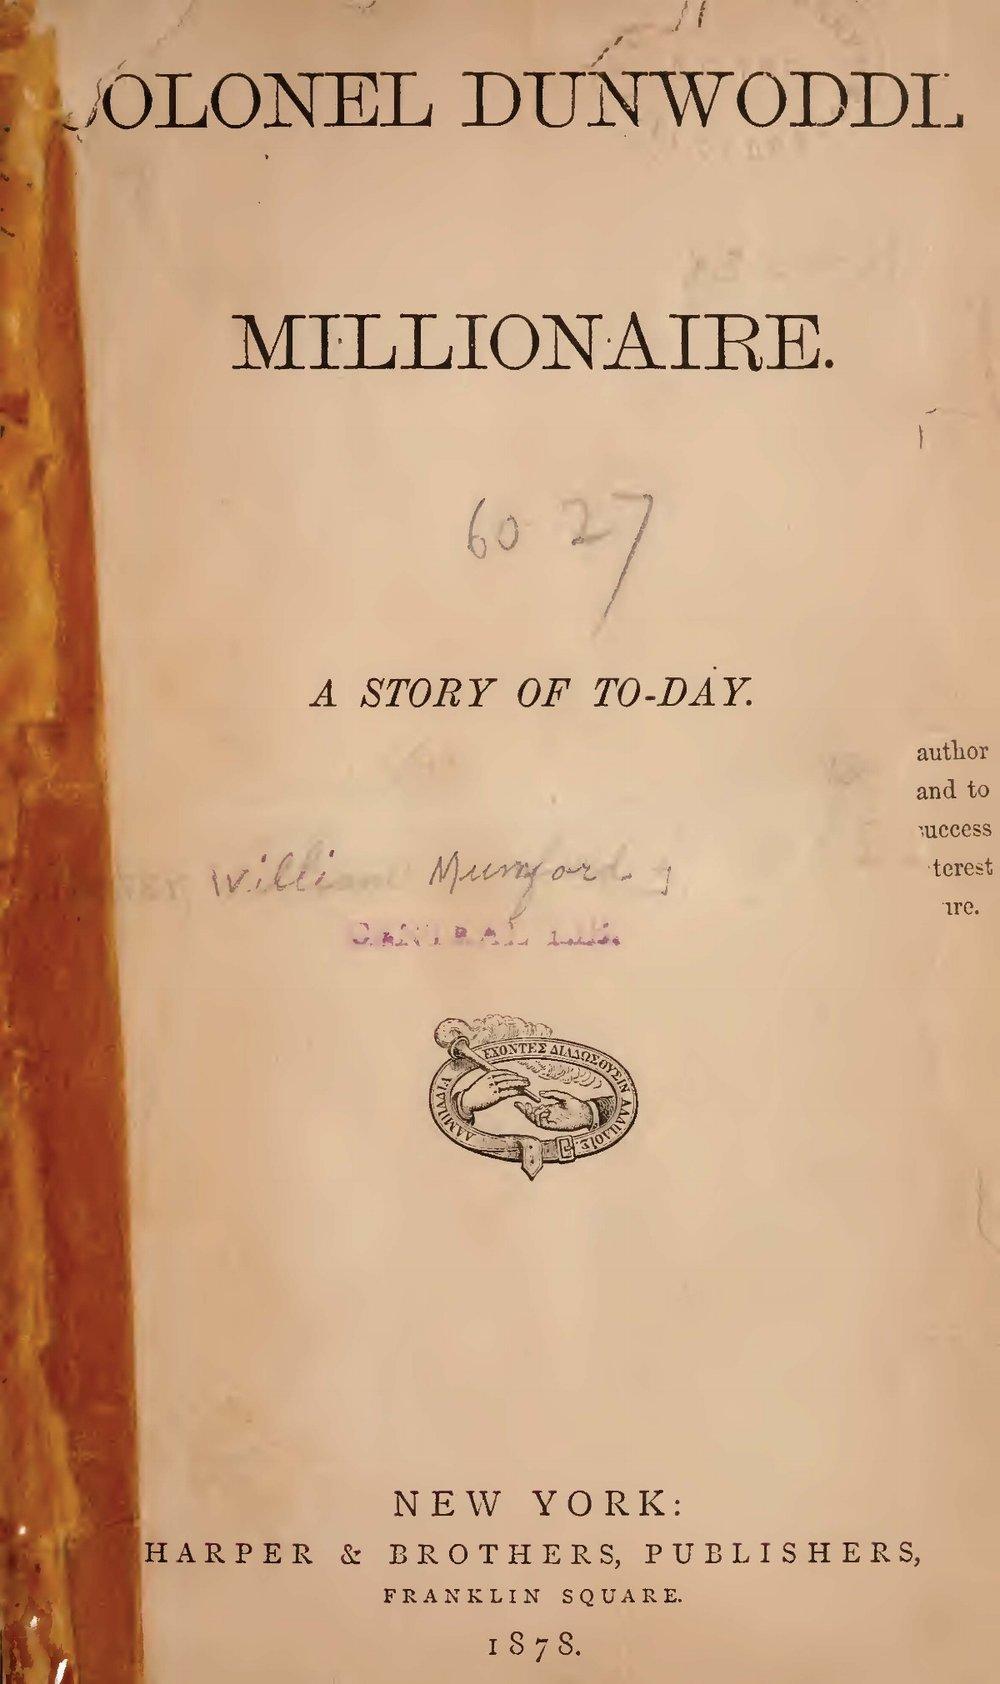 Baker, William Munford, Colonel Dunwoddie, Millionaire Title Page.jpg